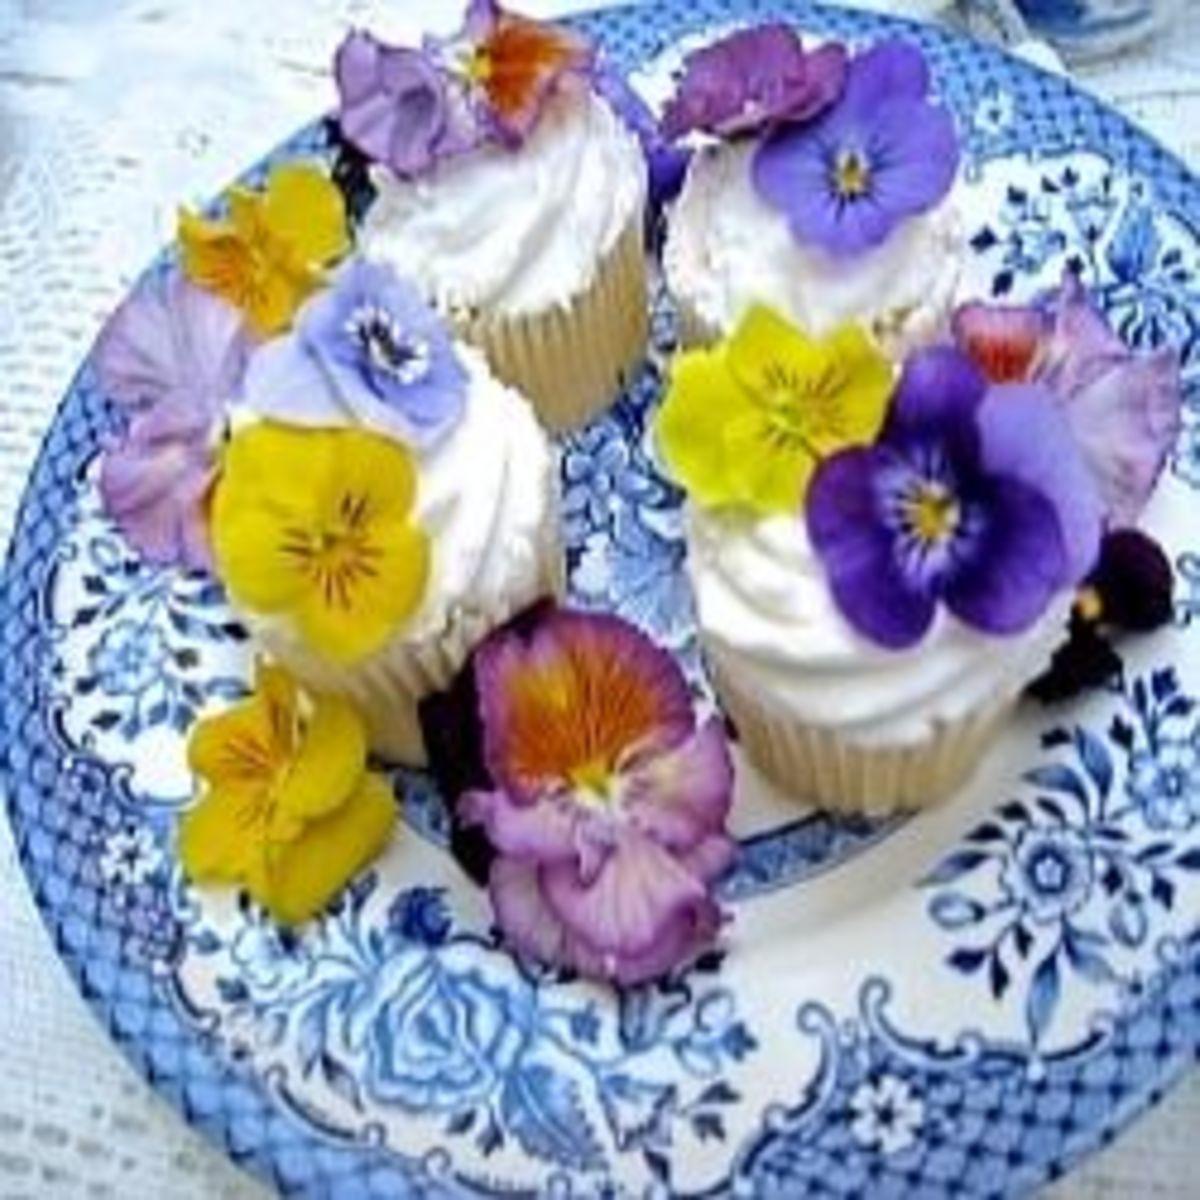 Cupcake Garnished with Pansies